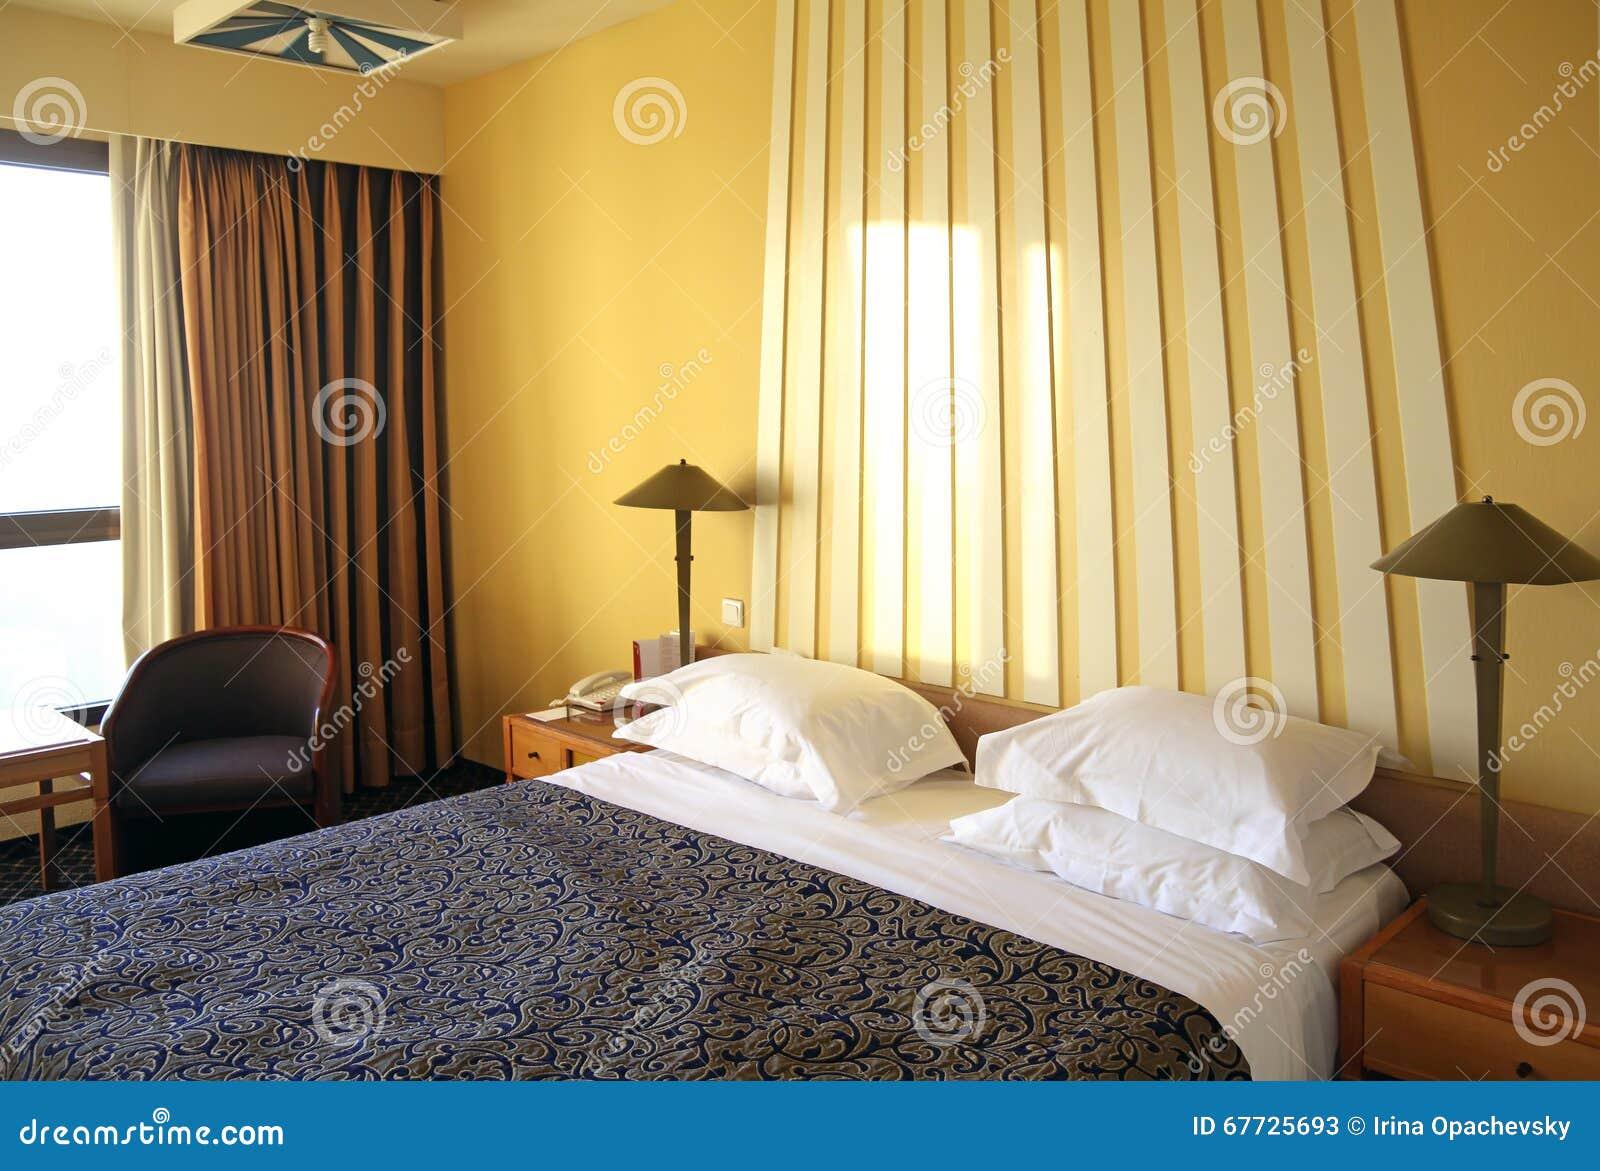 hotelruimte met gele muren en gordijnen